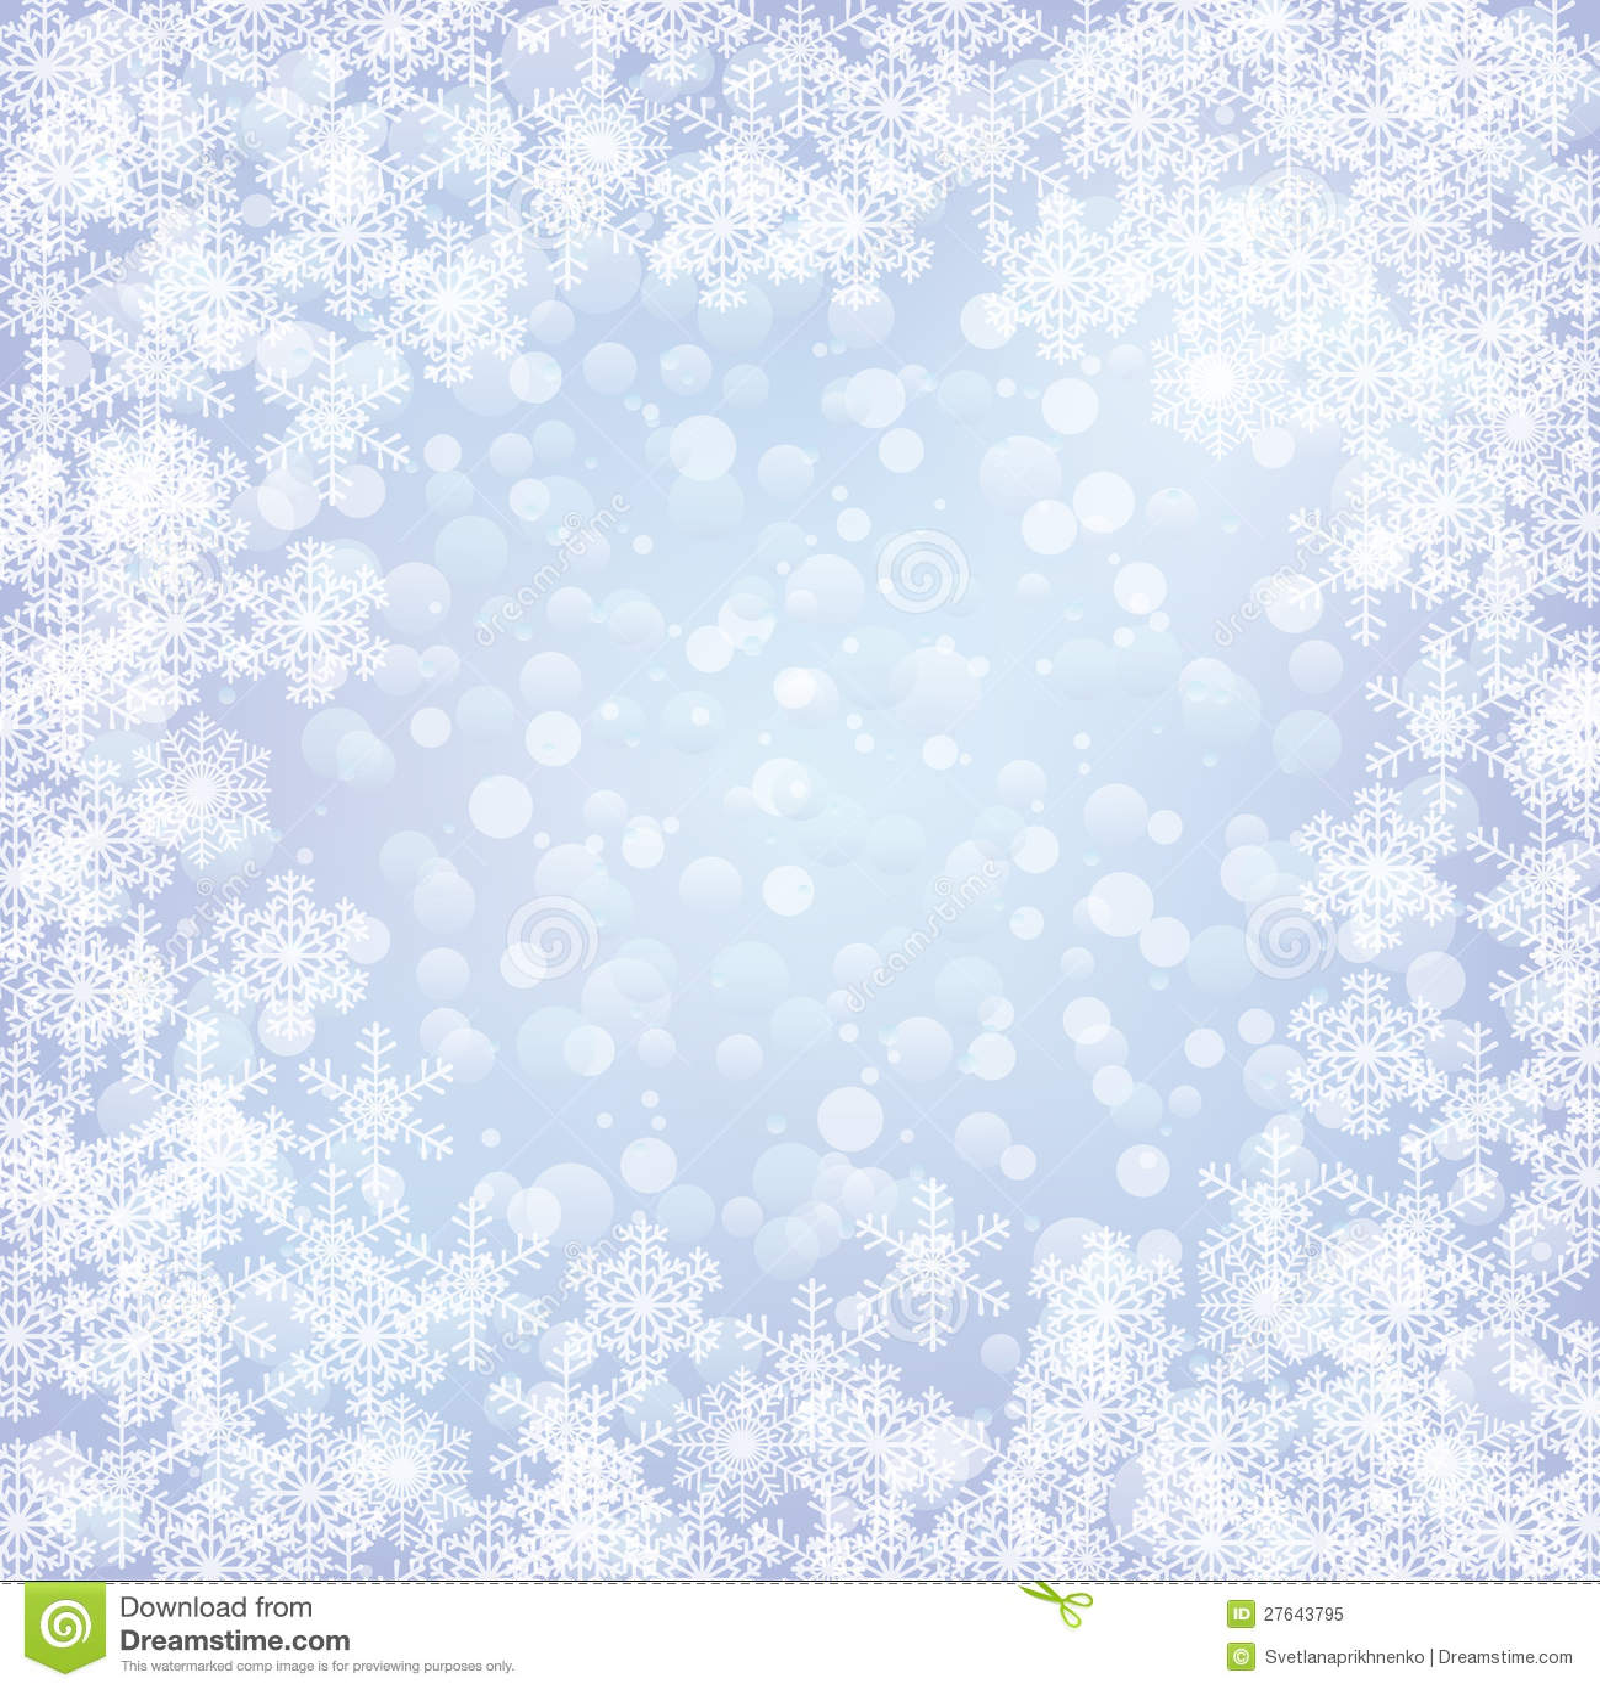 Weihnachten Gefrorener Hintergrund Mit Schneeflocken Vektor ...